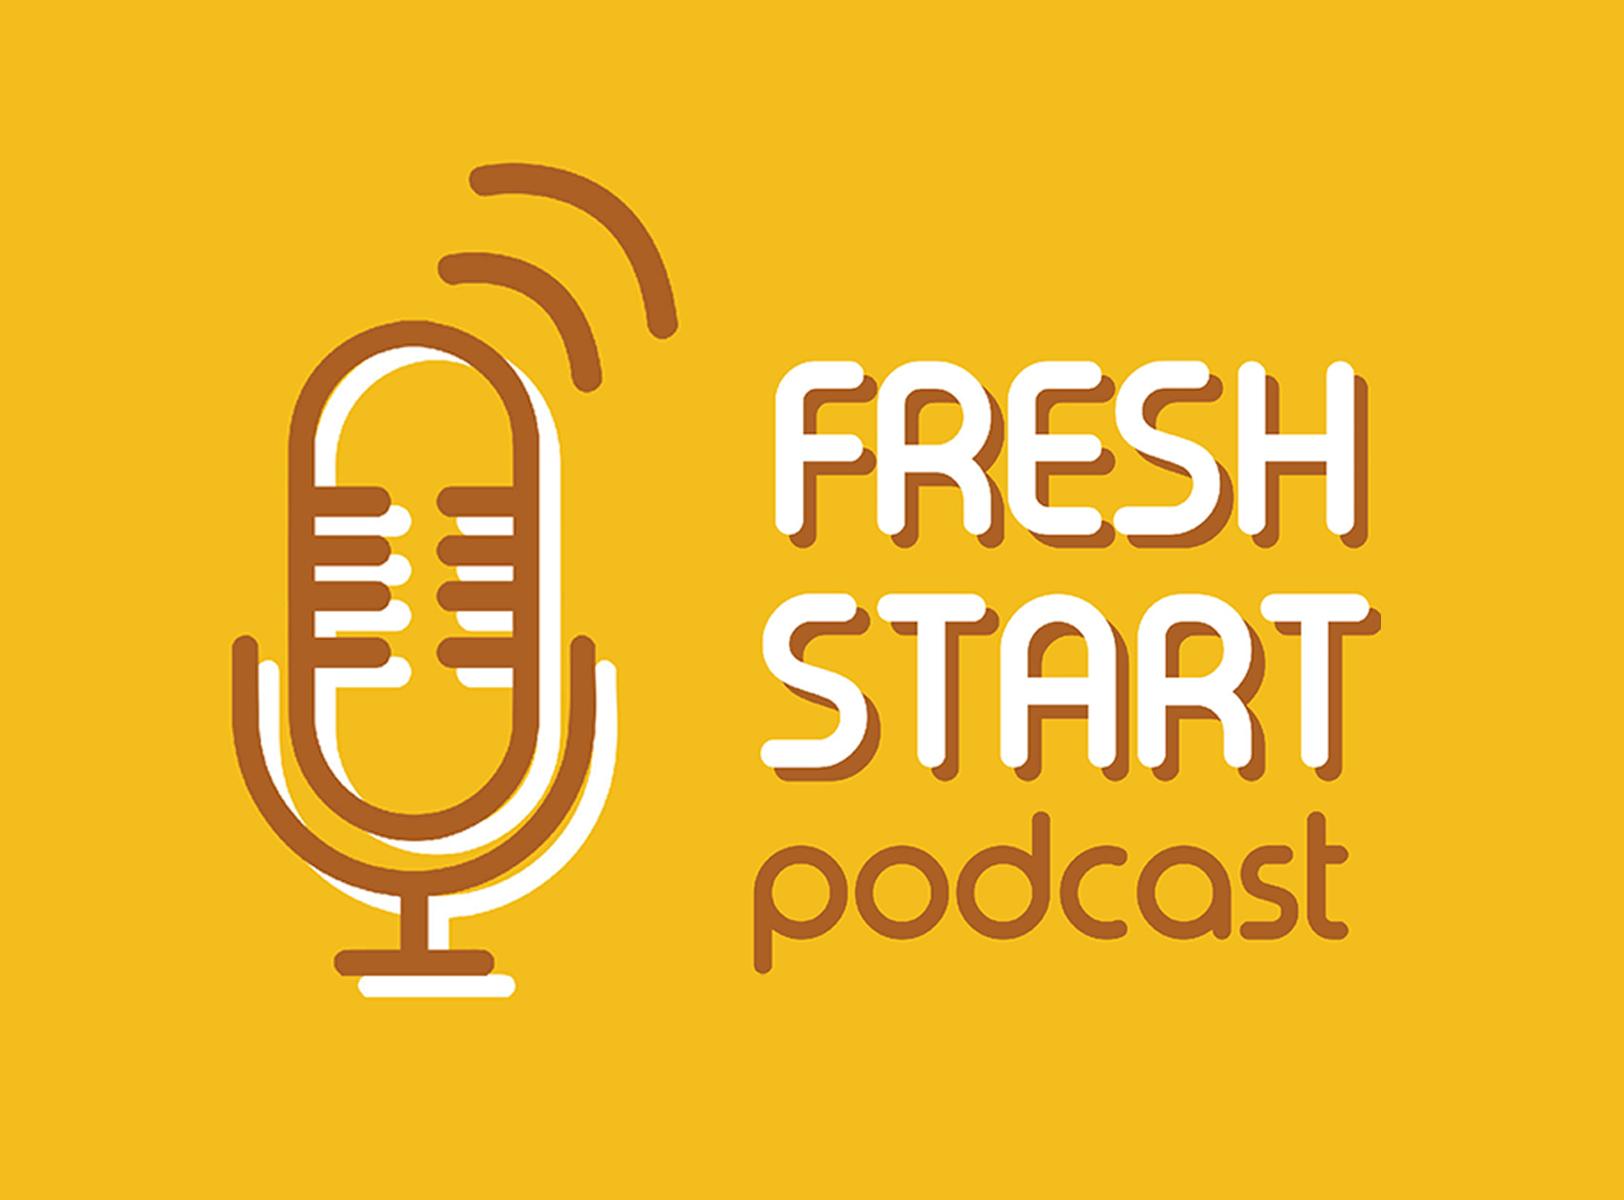 FreshStartLogo.jpg